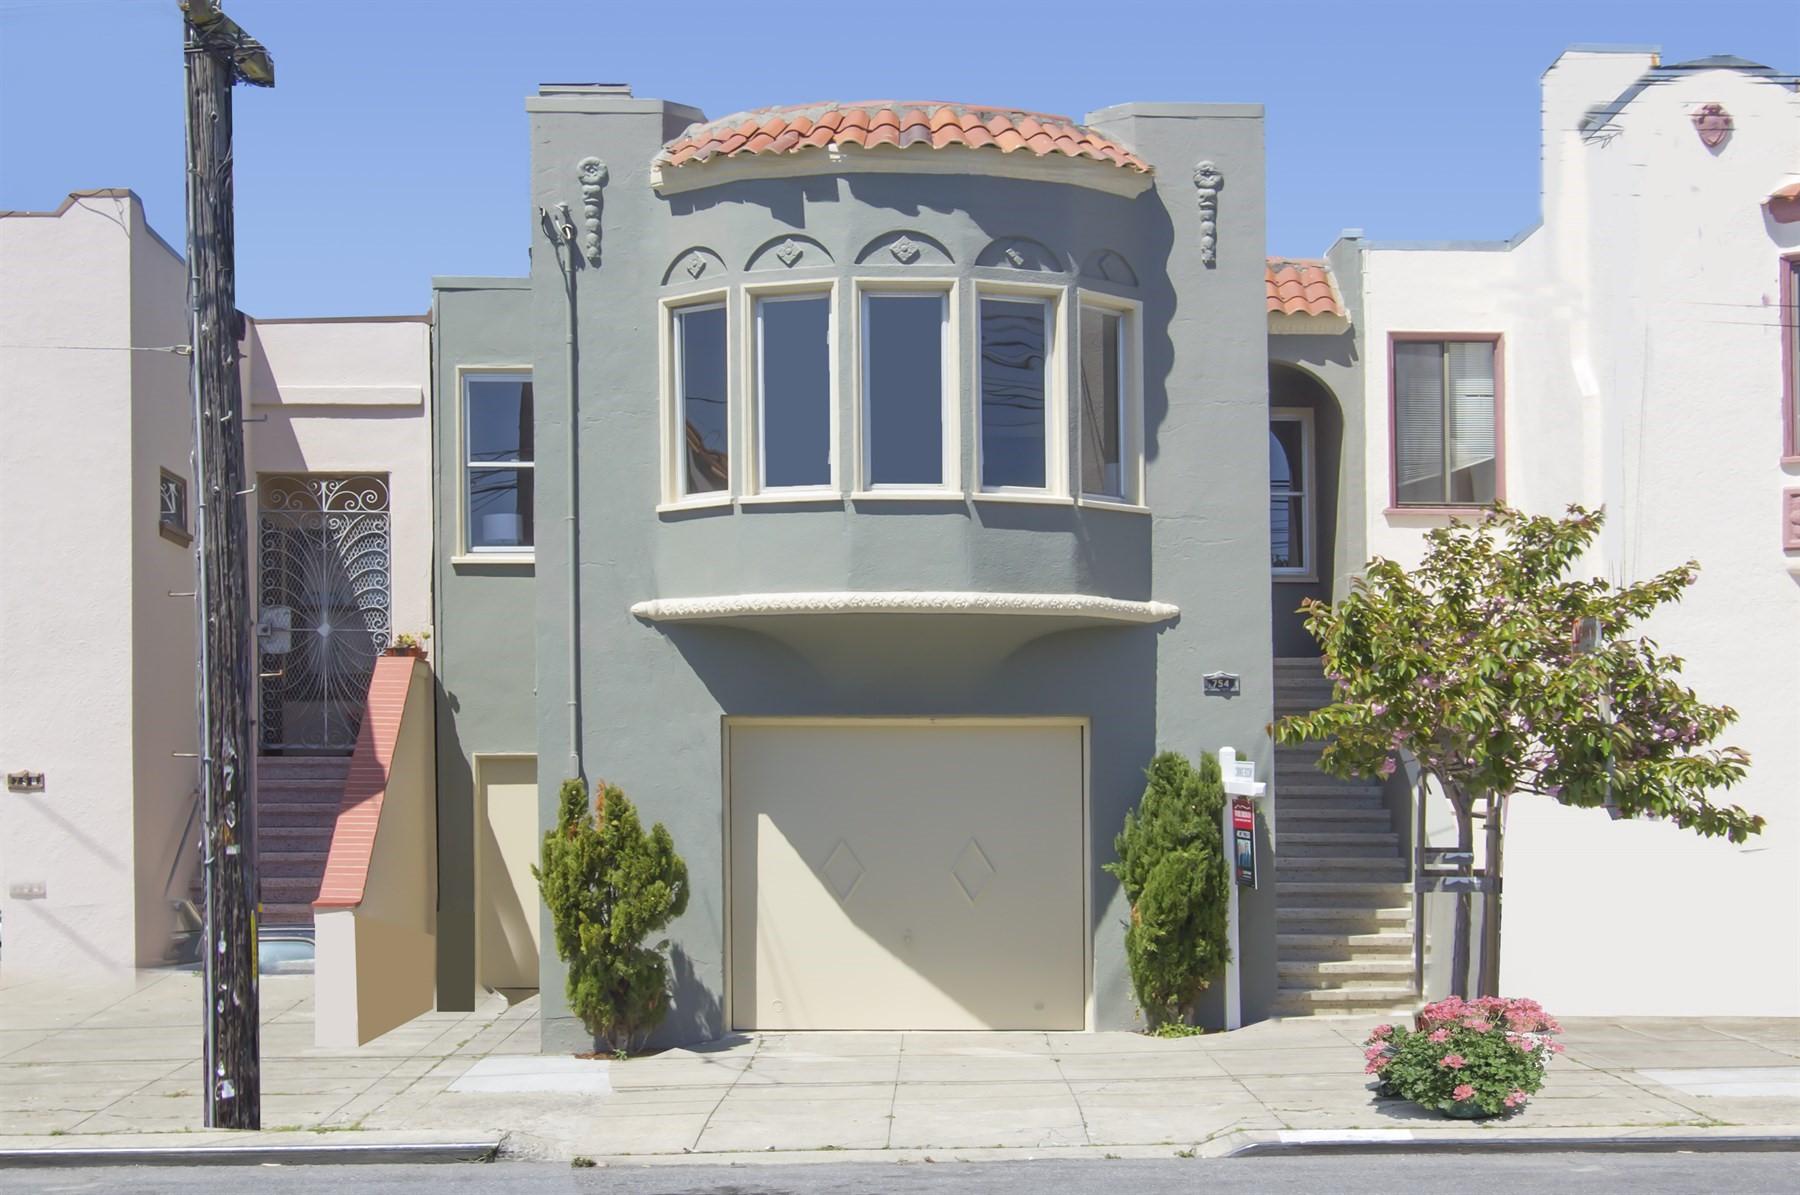 Exterior of 1927 home, gray facade, barrel bay windows.